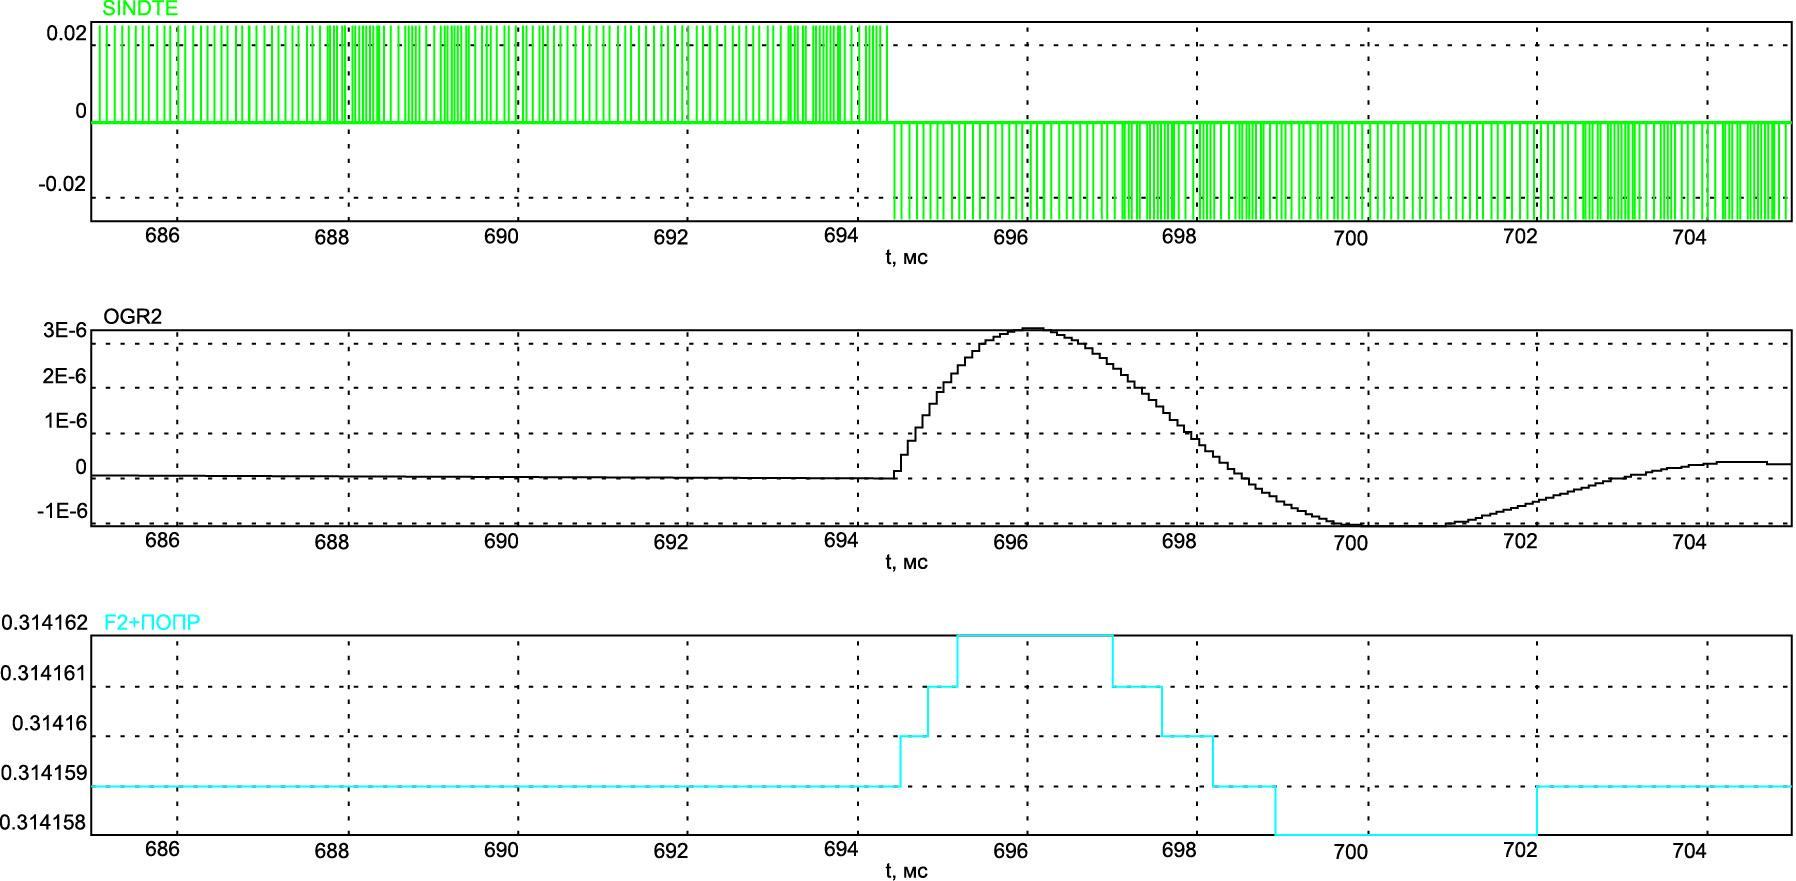 Осциллограммы, отражающие скачок значения сигнала рассогласования и реакцию на него